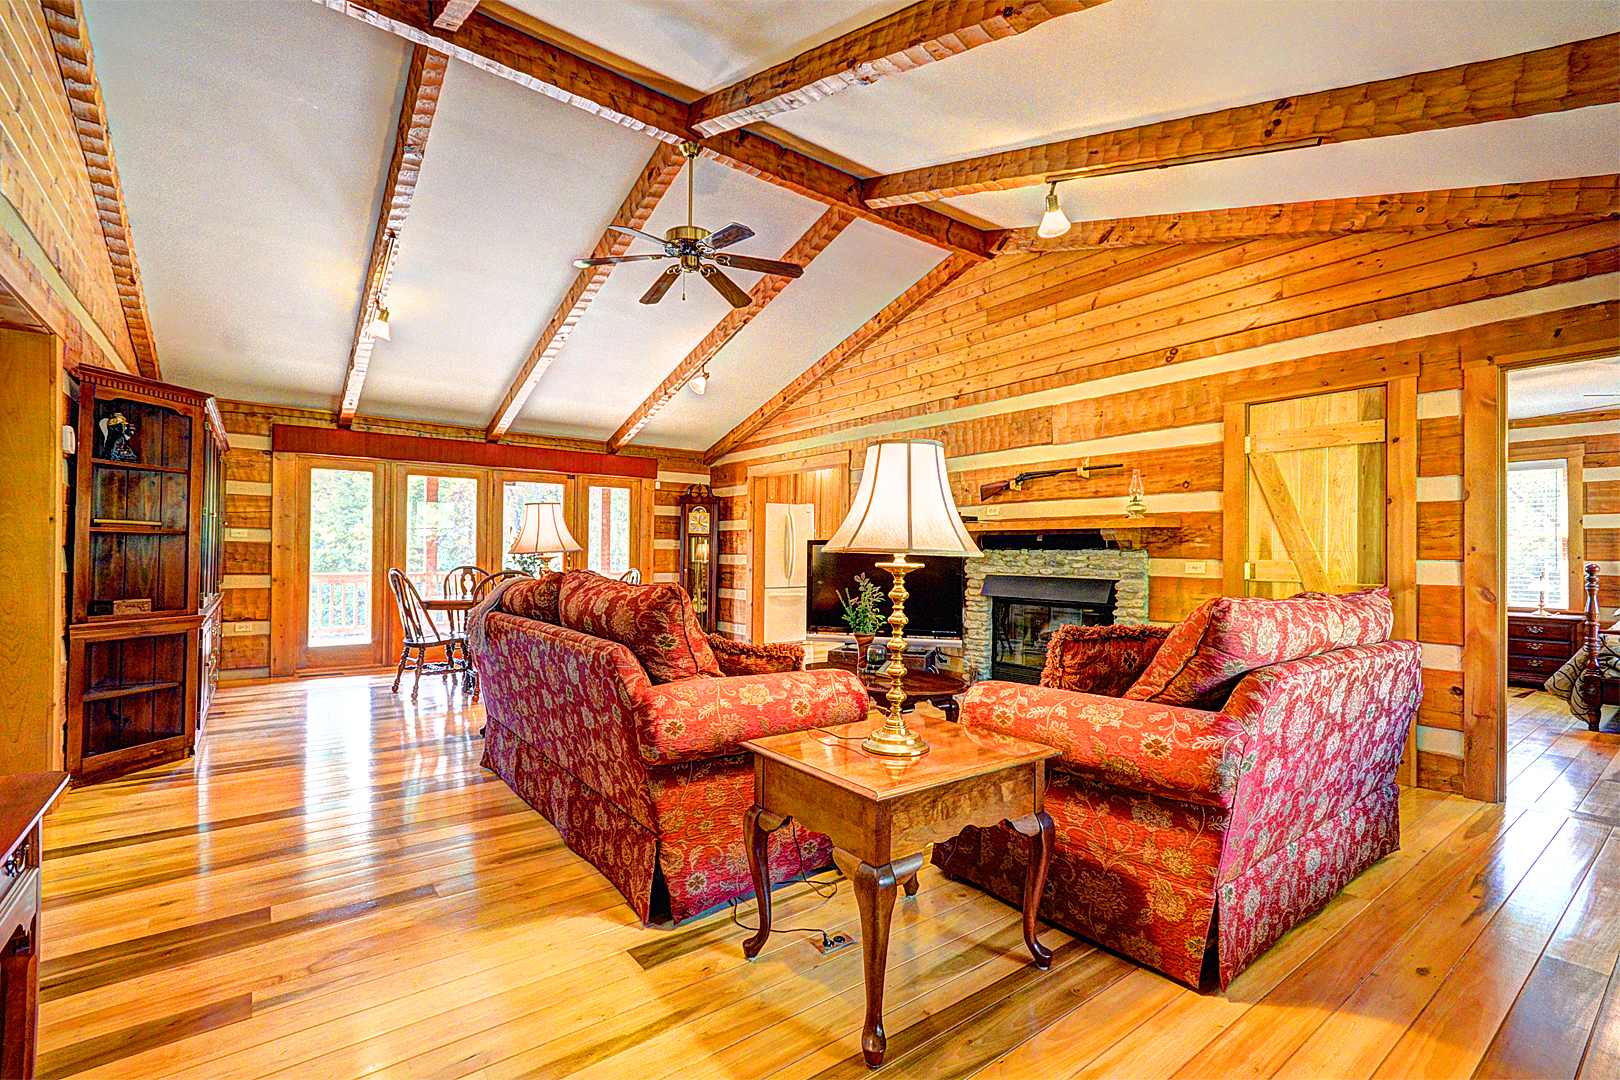 6422 Fible Lane Crestwood, KY Living Room